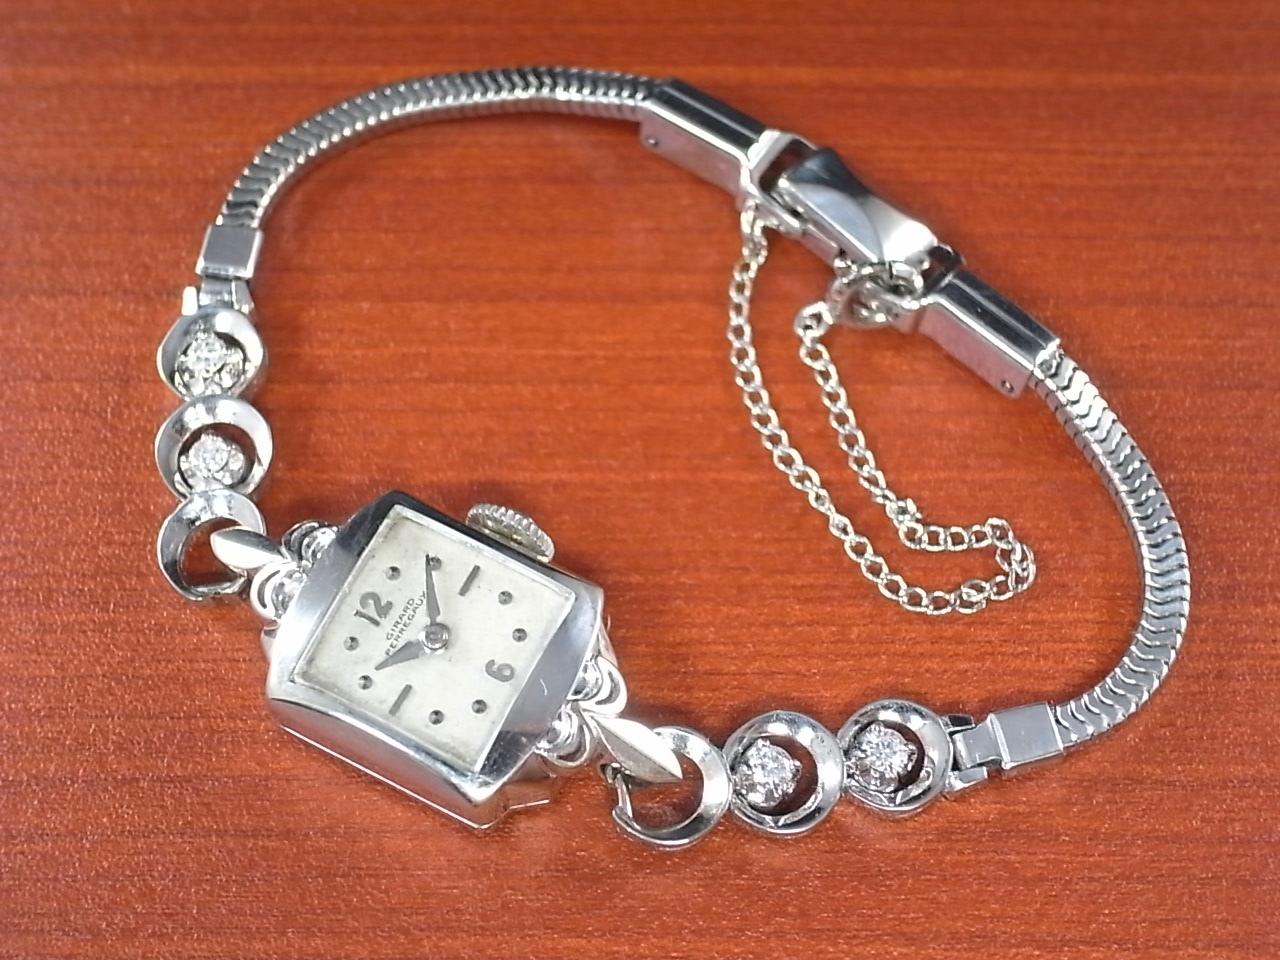 ジラール・ペルゴ レディス 14KWG ダイヤモンドの写真2枚目